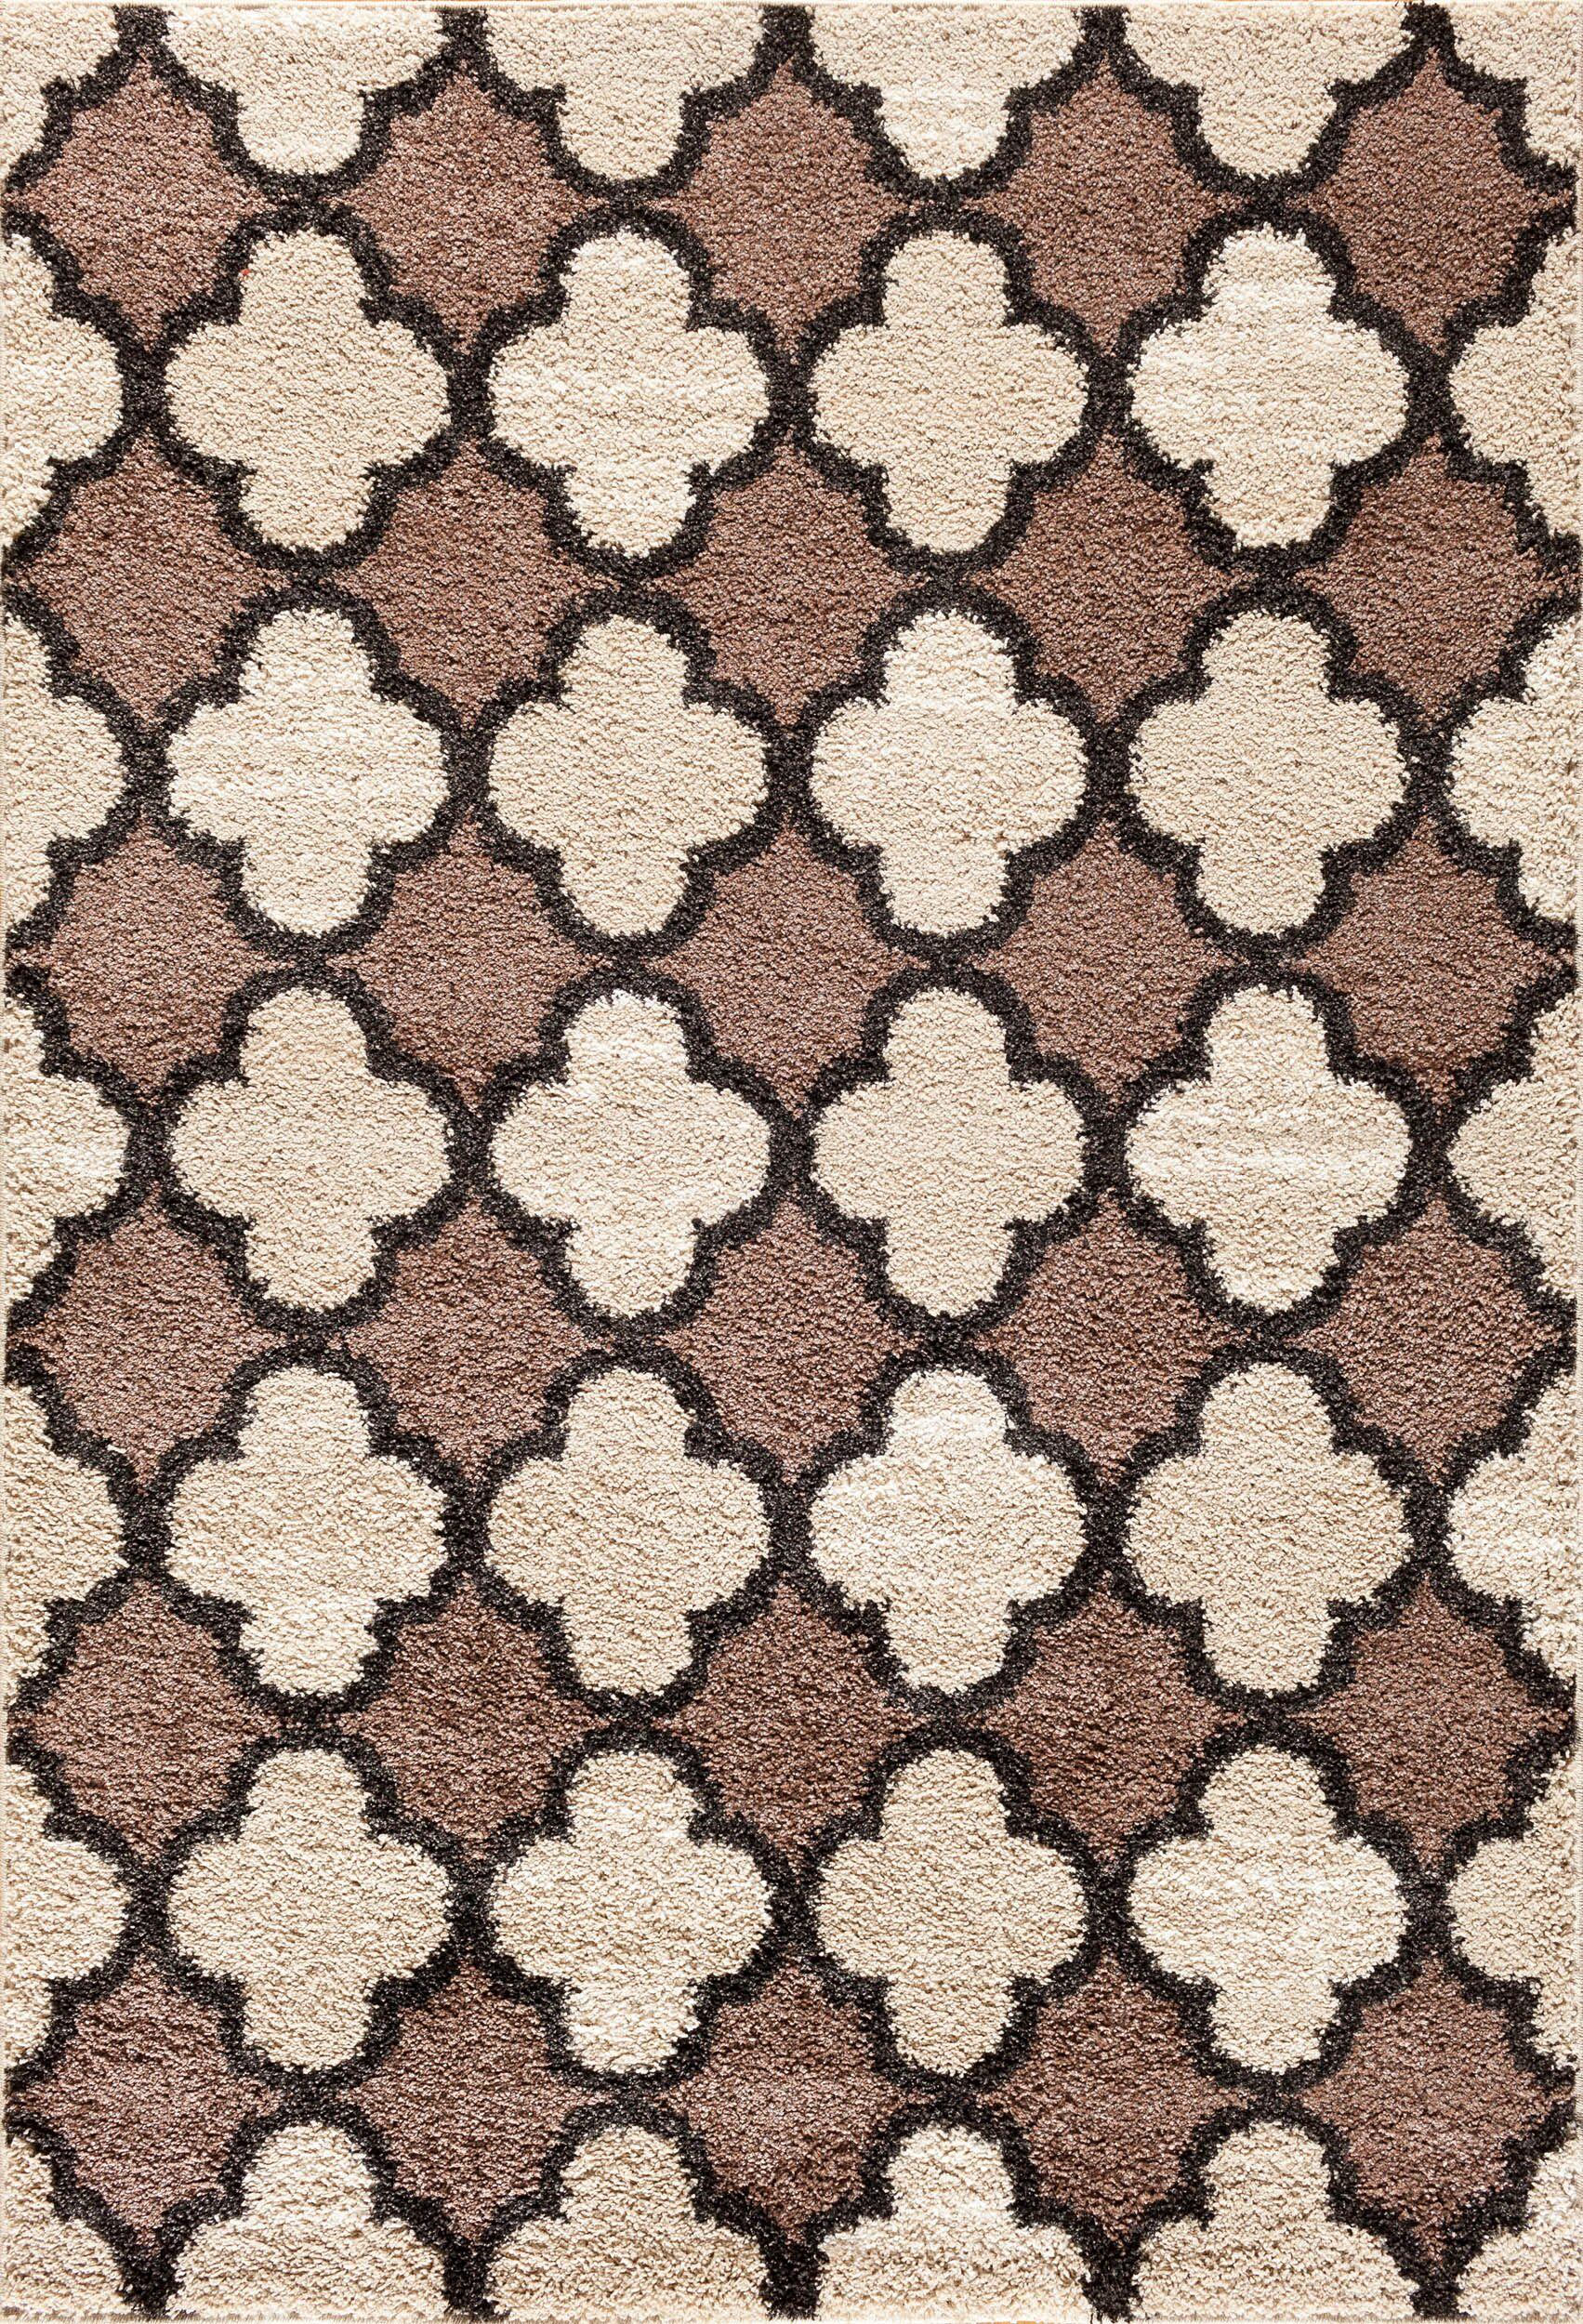 Hamilton Pearl/Cocoa Area Rug Rug Size: 5' x 7'3